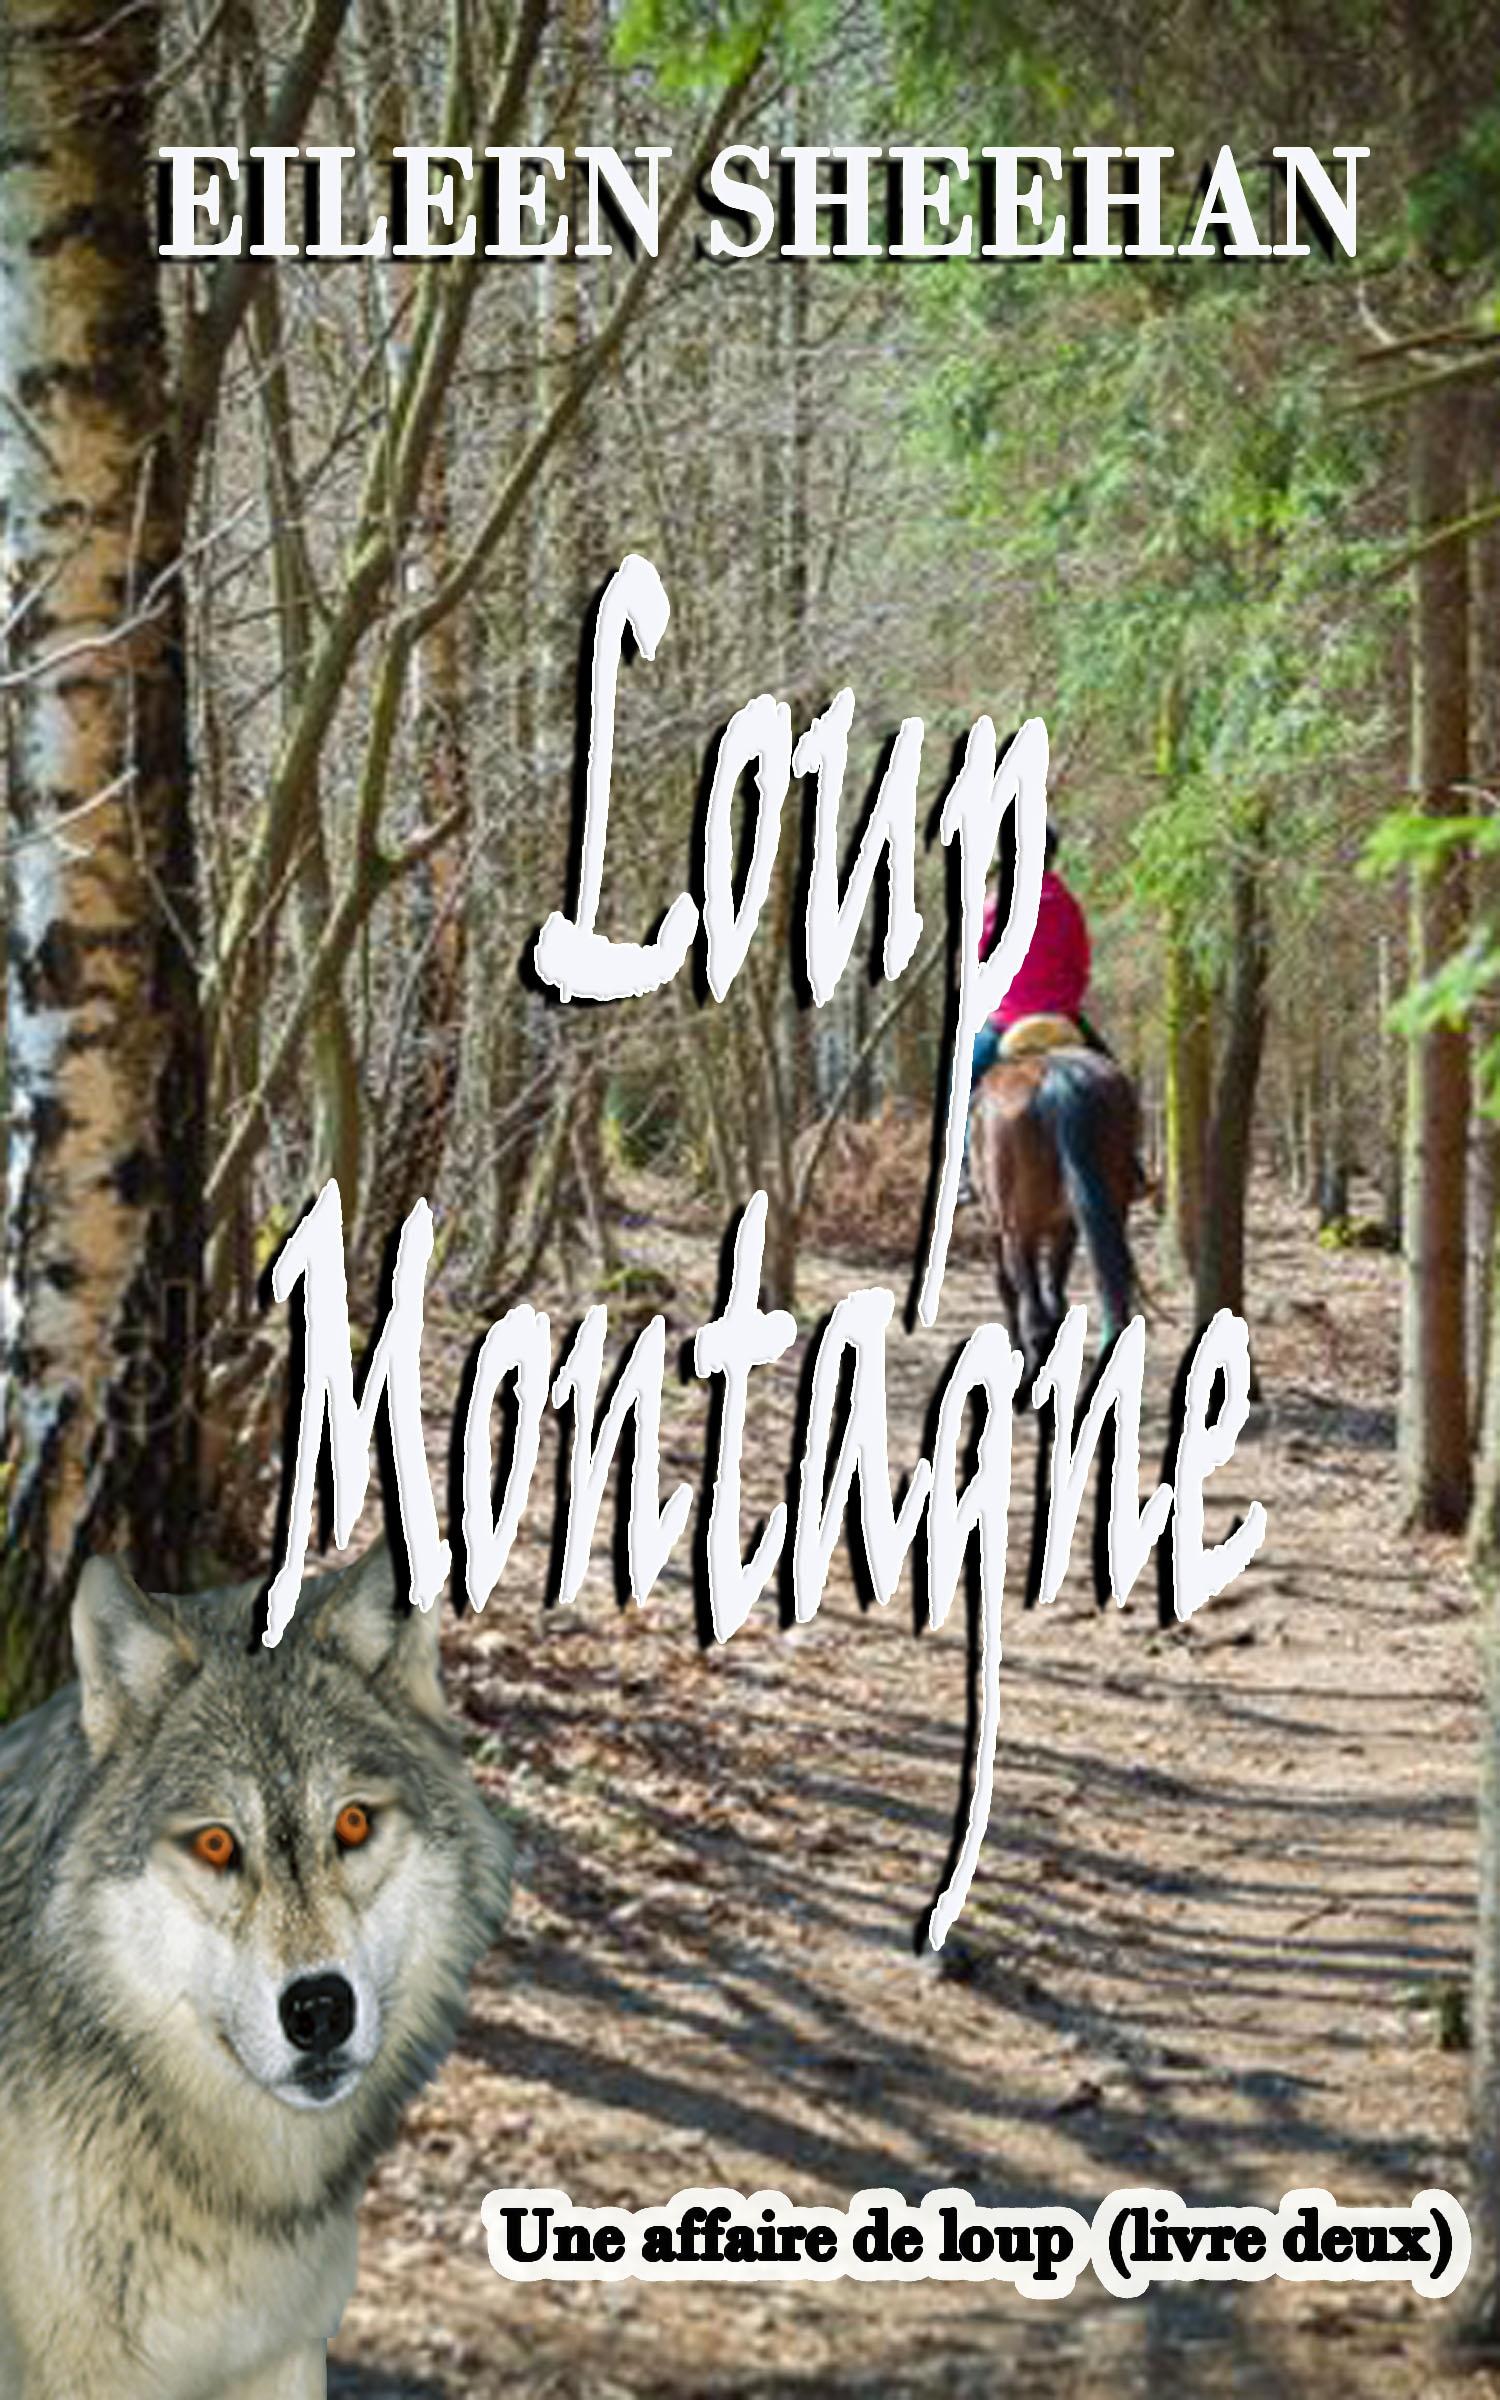 Loup Montagne Livre Deux D Une Affaire De Loup Trilogie An Ebook By Eileen Sheehan